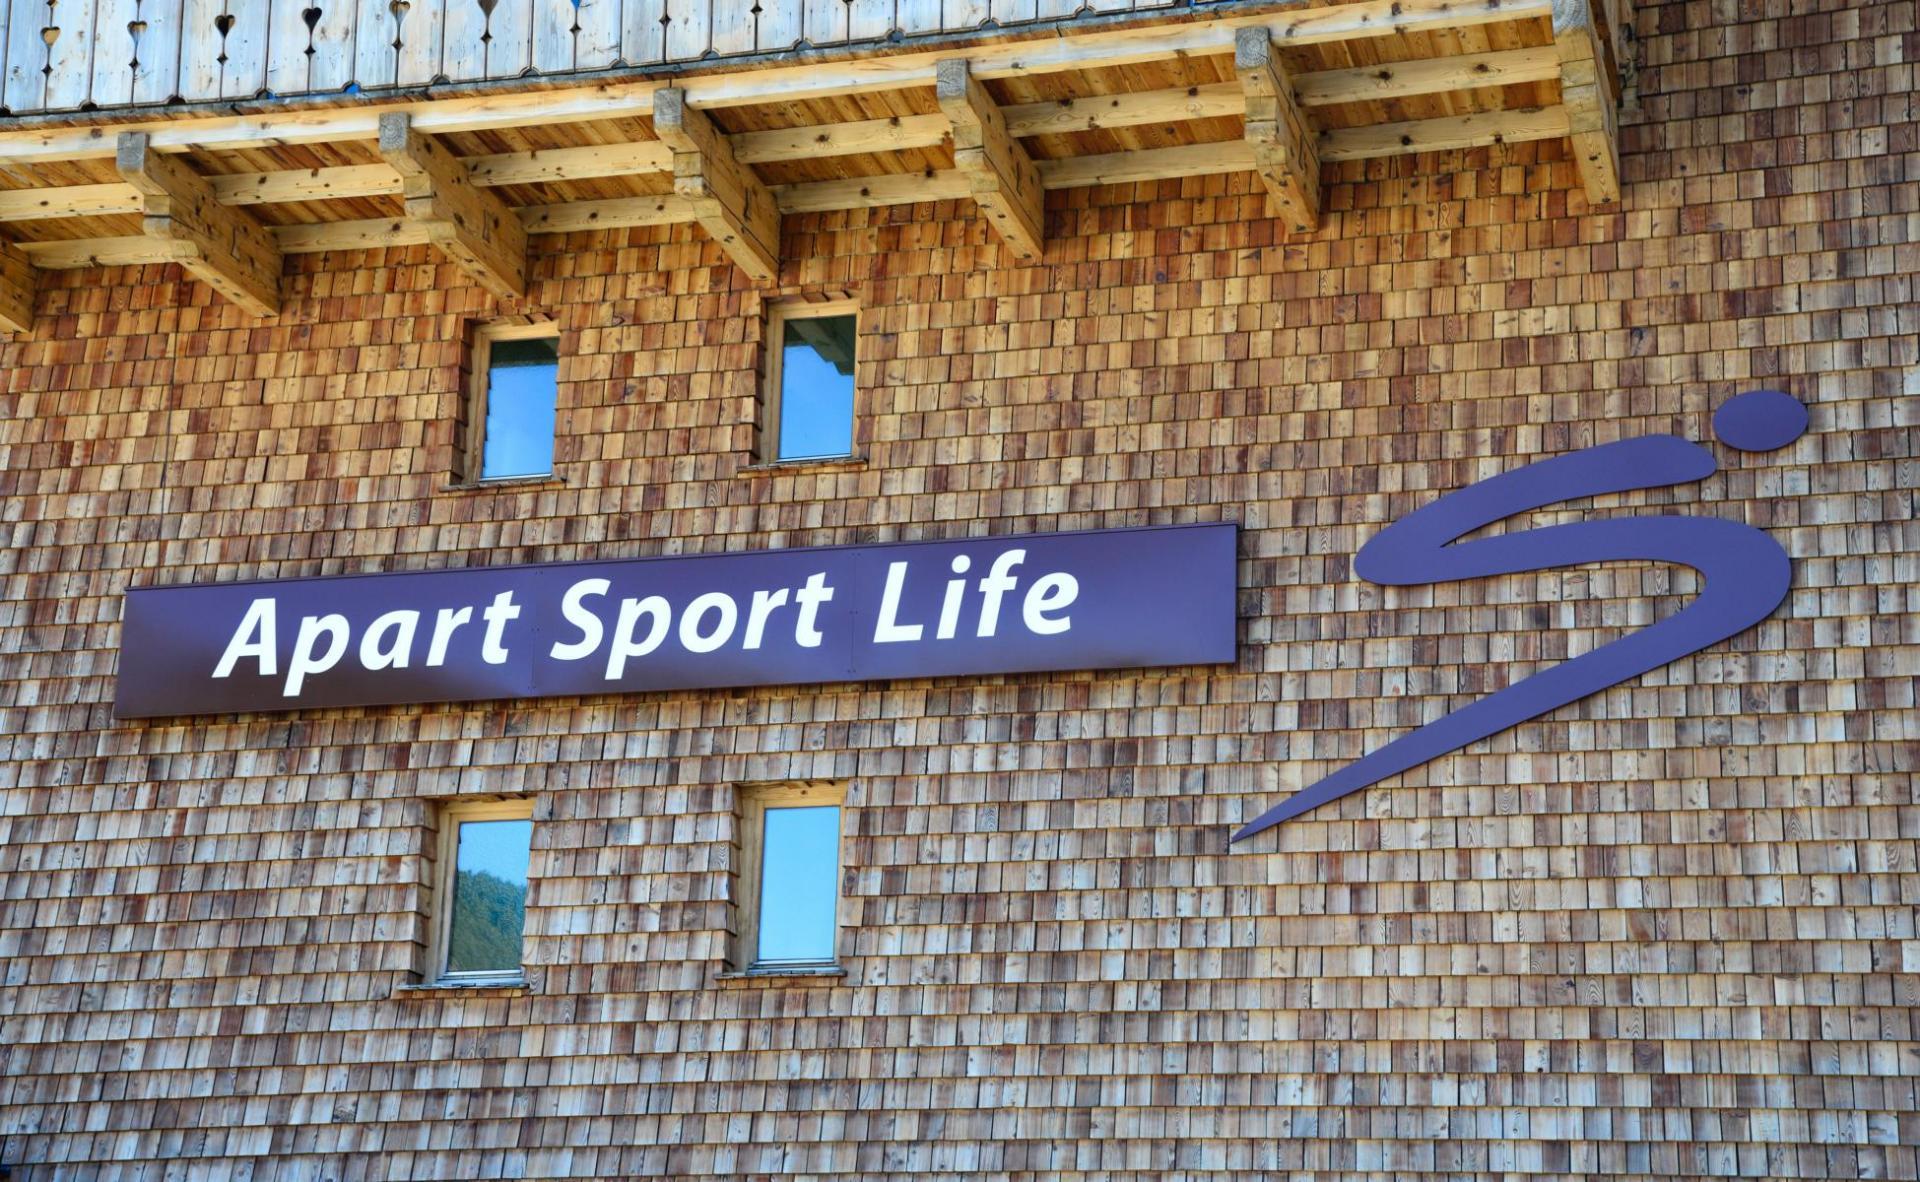 Apart SportLife Lermoos #Bildergalerie#Apart SportLife